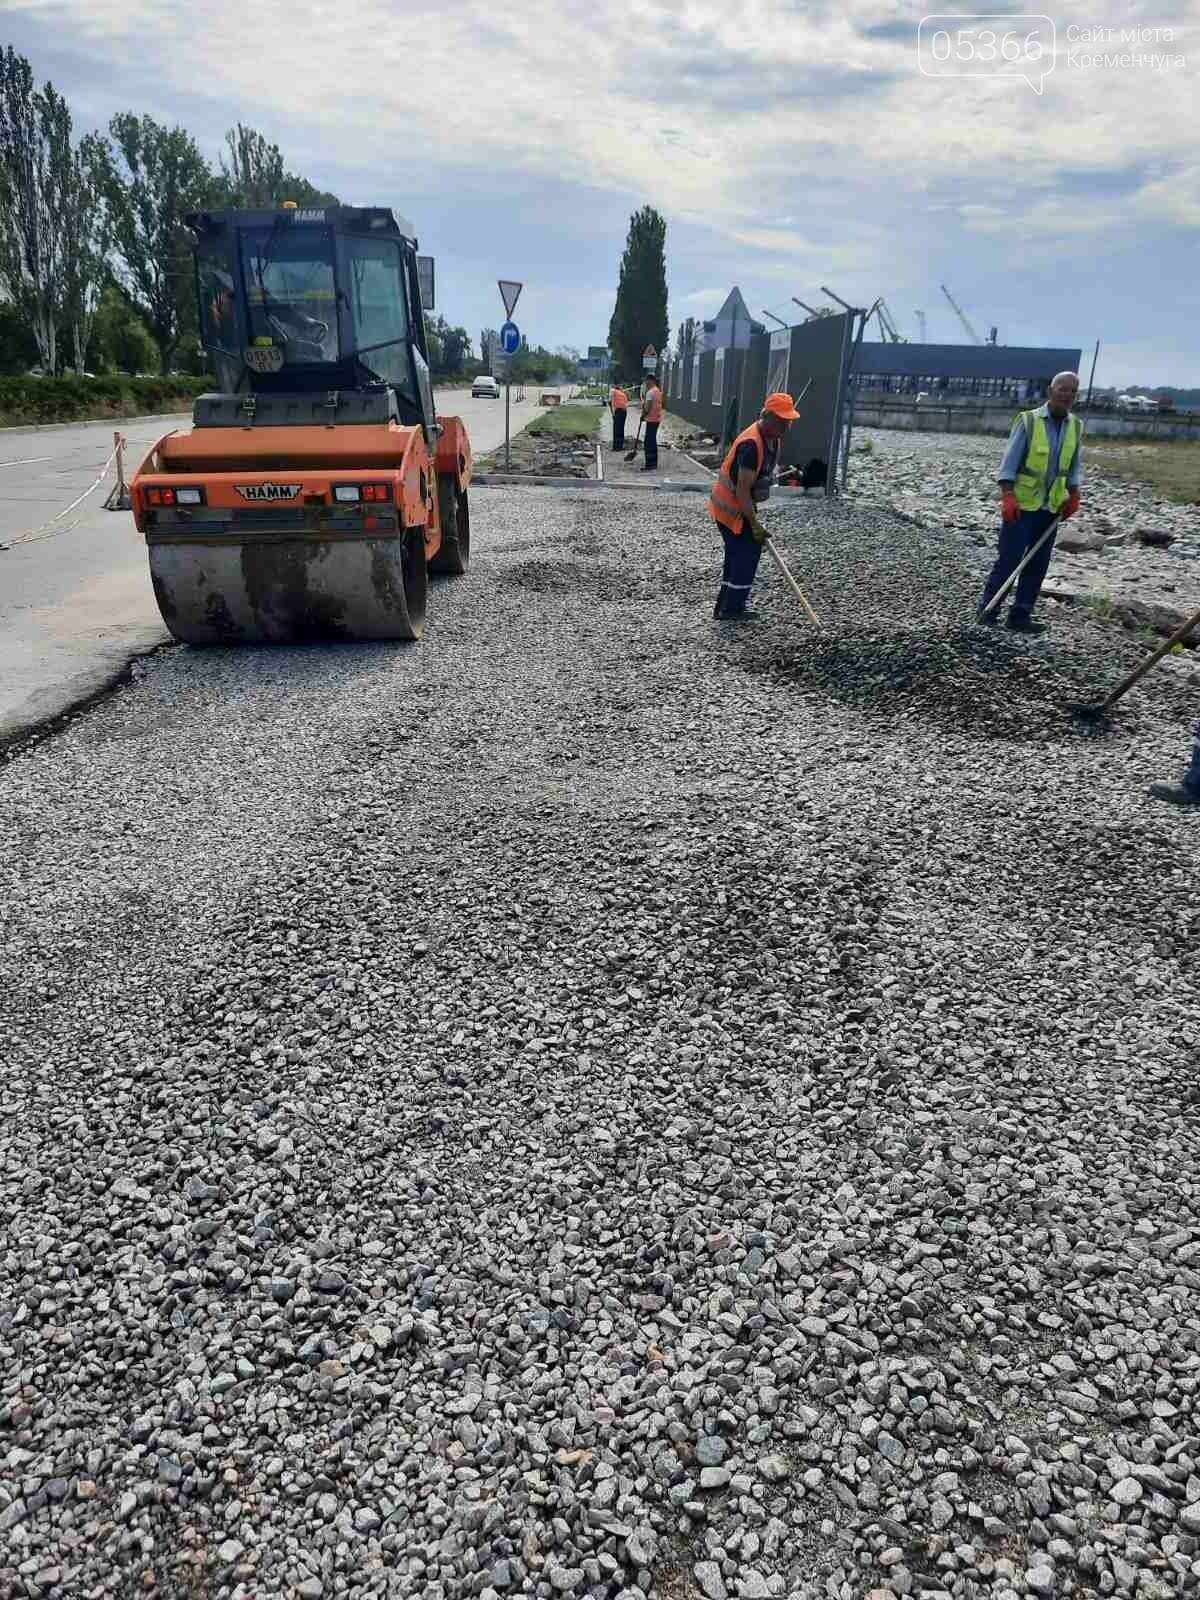 Де у Кременчуці сьогодні дороги ремонтують?, фото-1